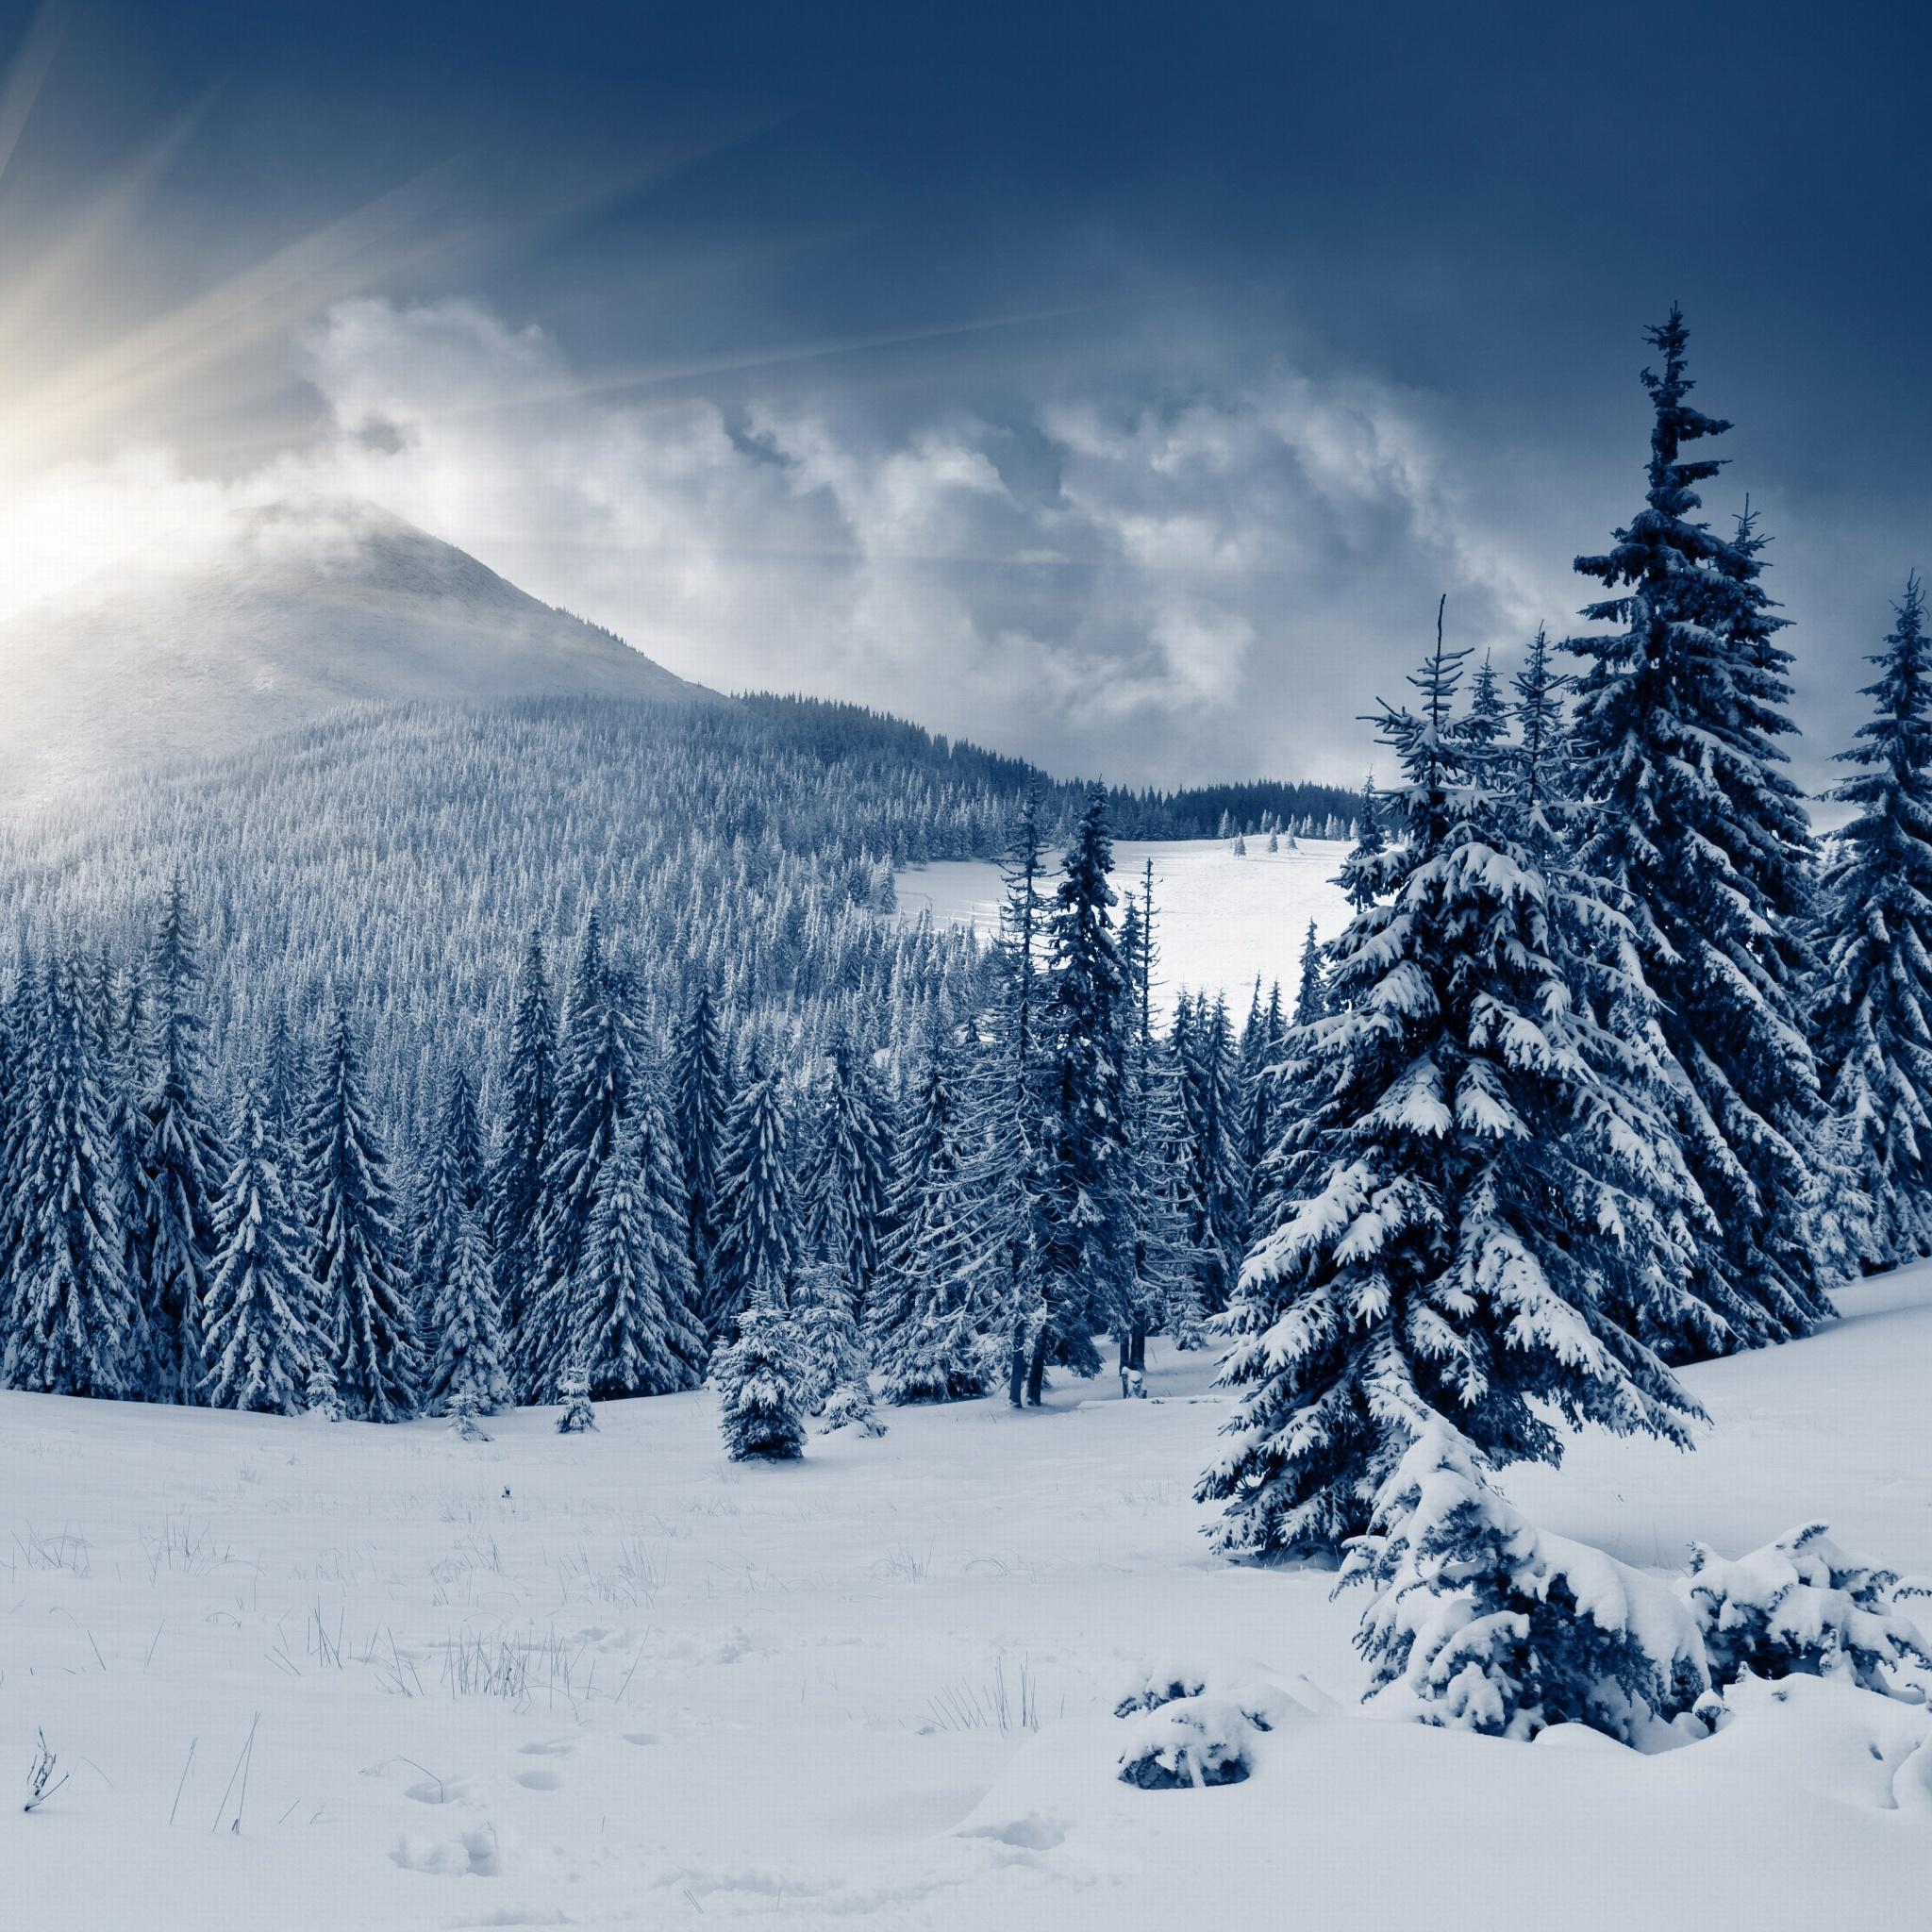 этом обзоре картинки обоев зима для айфона прически лак повлияли